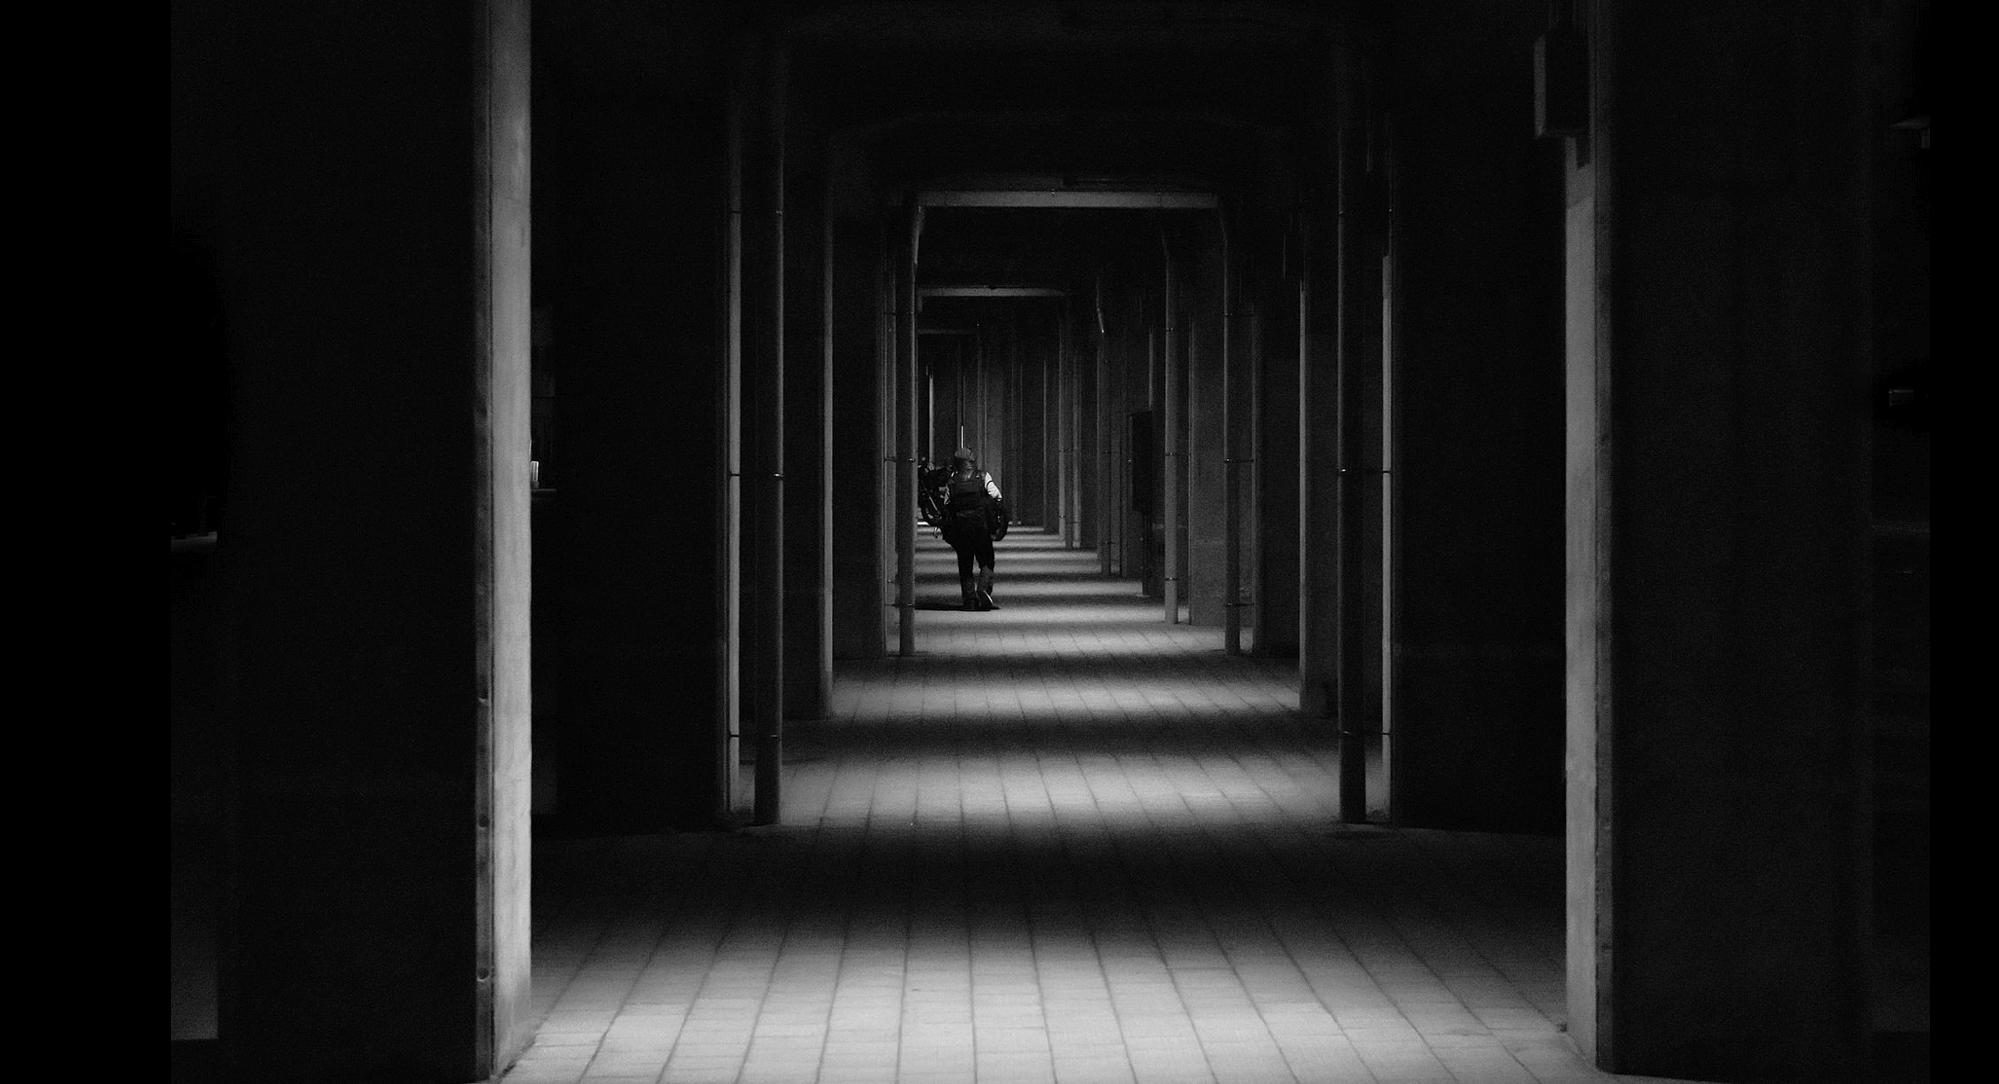 Callejón en tokio, fotografía de Hiroharu Matsumoto